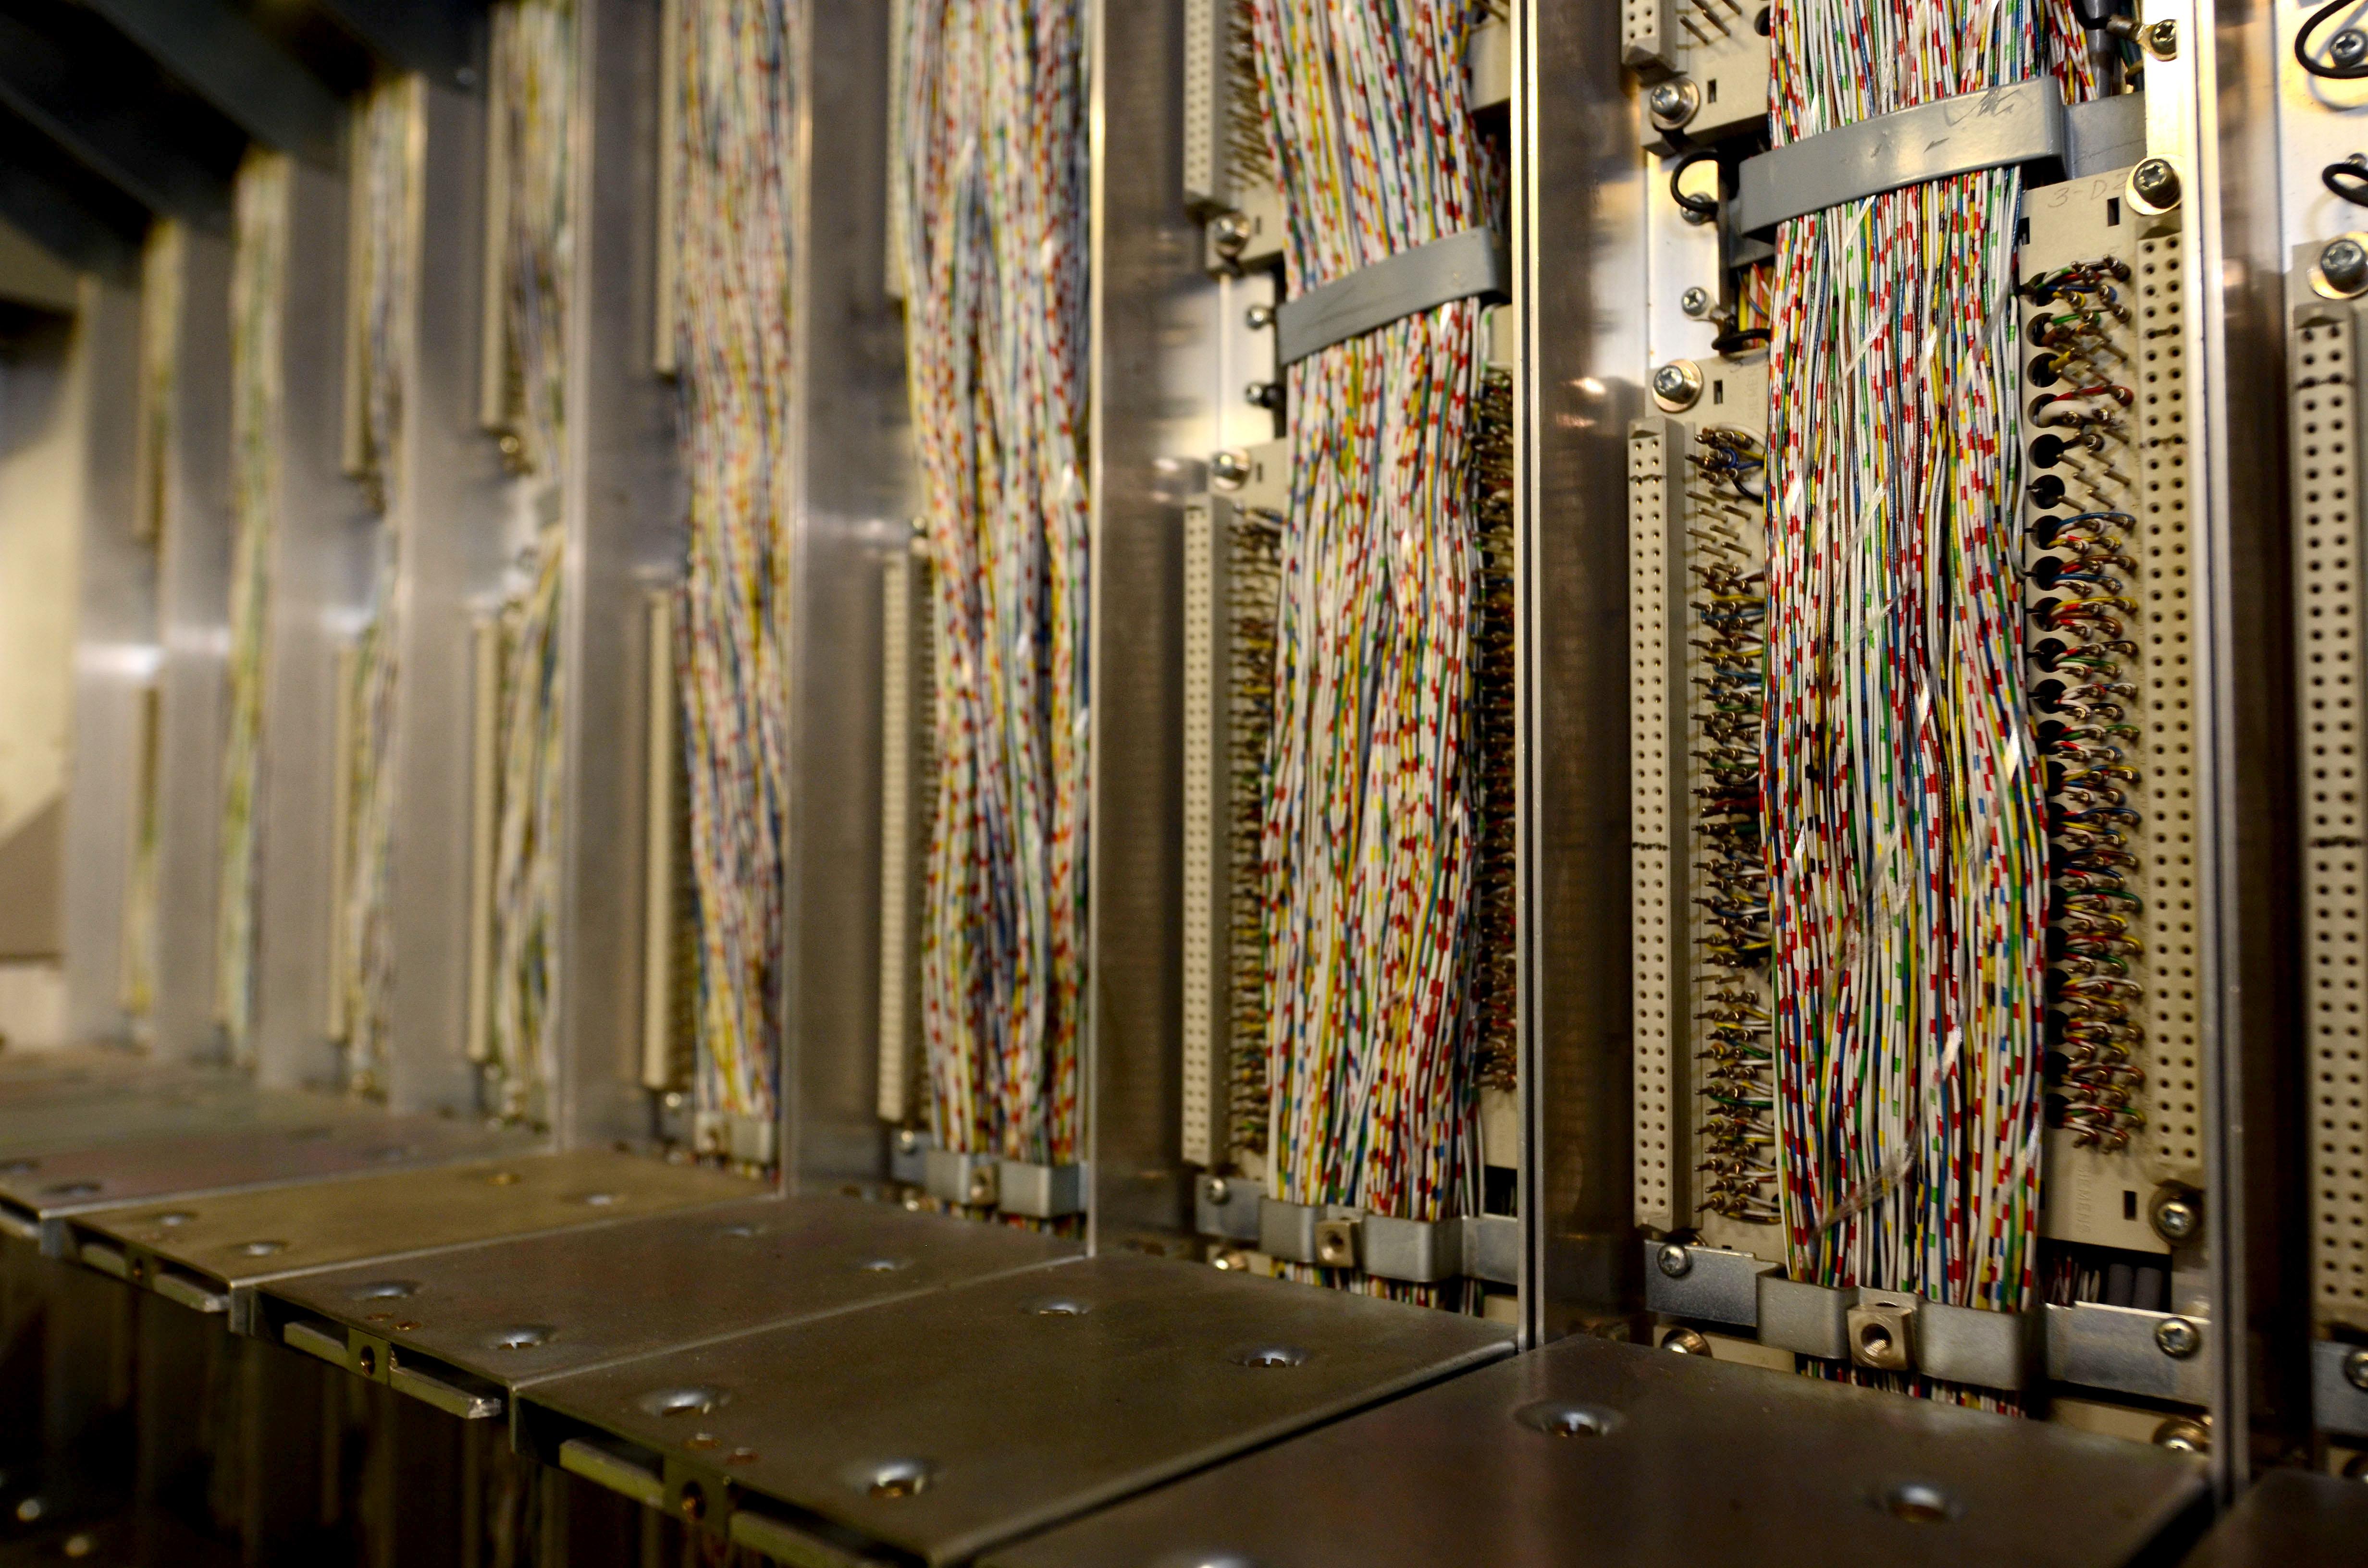 Apagar el cobre y certificar el salto a la fibra: mayor conexión, ahorro energético y vanguardia tecnológica